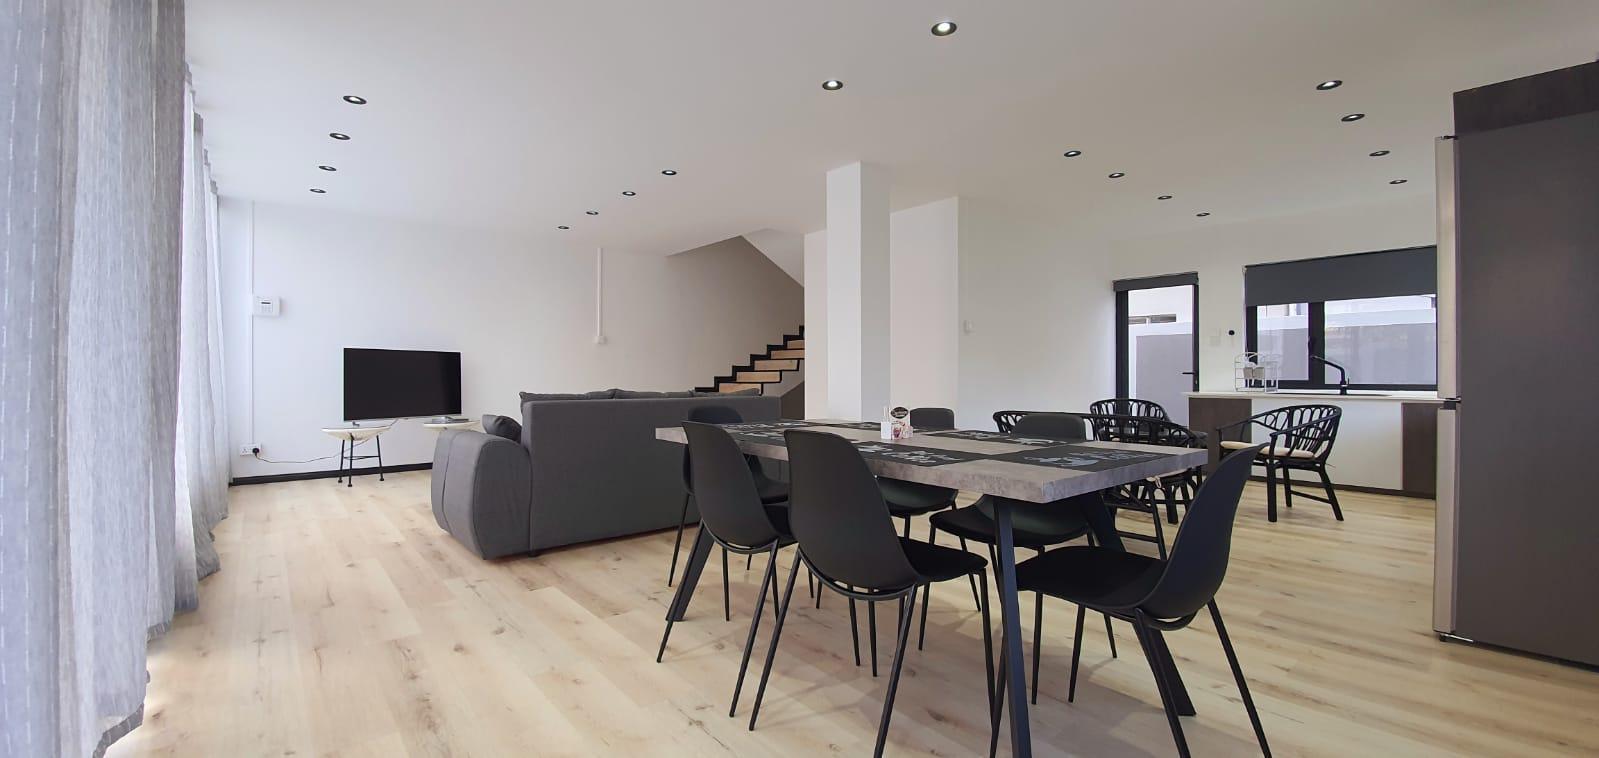 A LOUER – Magnifique duplexmeubléet équipéde 151m2 sur un terrain de 54 toises situé àMont Choisy à 5 minutes à pied de la plage.